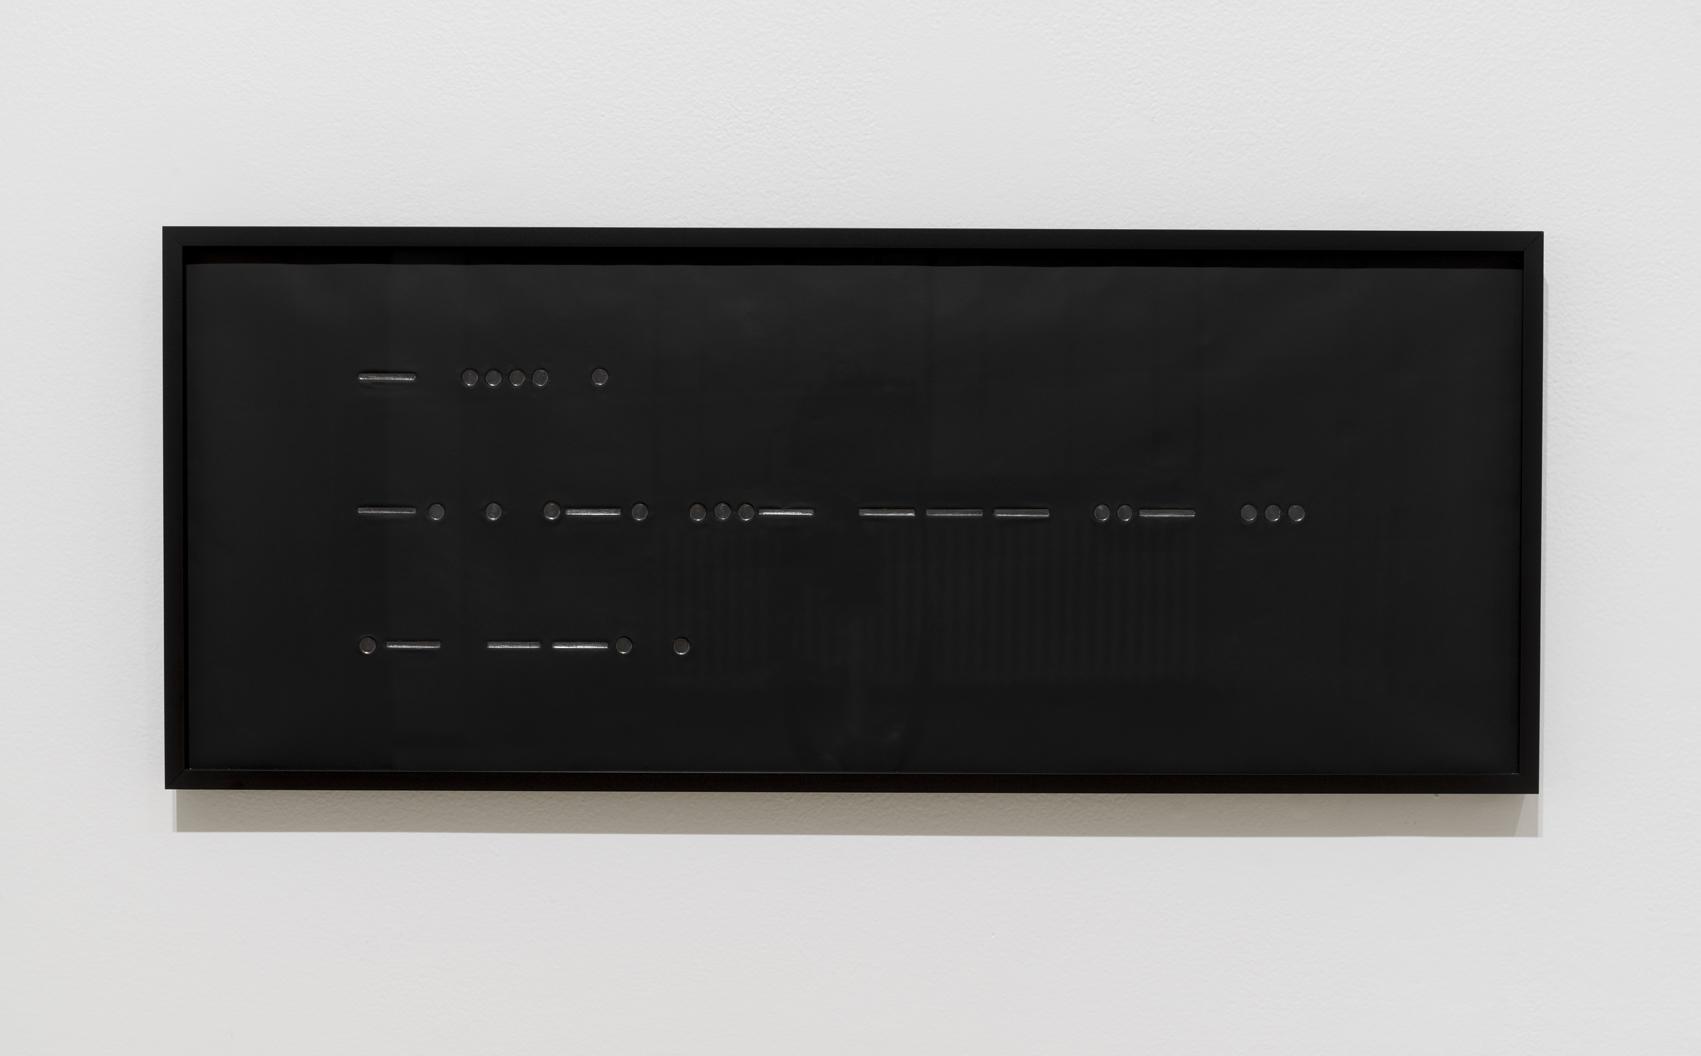 """Carl Trahan, The Nervous Age (L'ère de la nervosité) , 2015, graphite on black painted aluminium, 12"""" x 29"""" (31 x 75 cm) framed"""